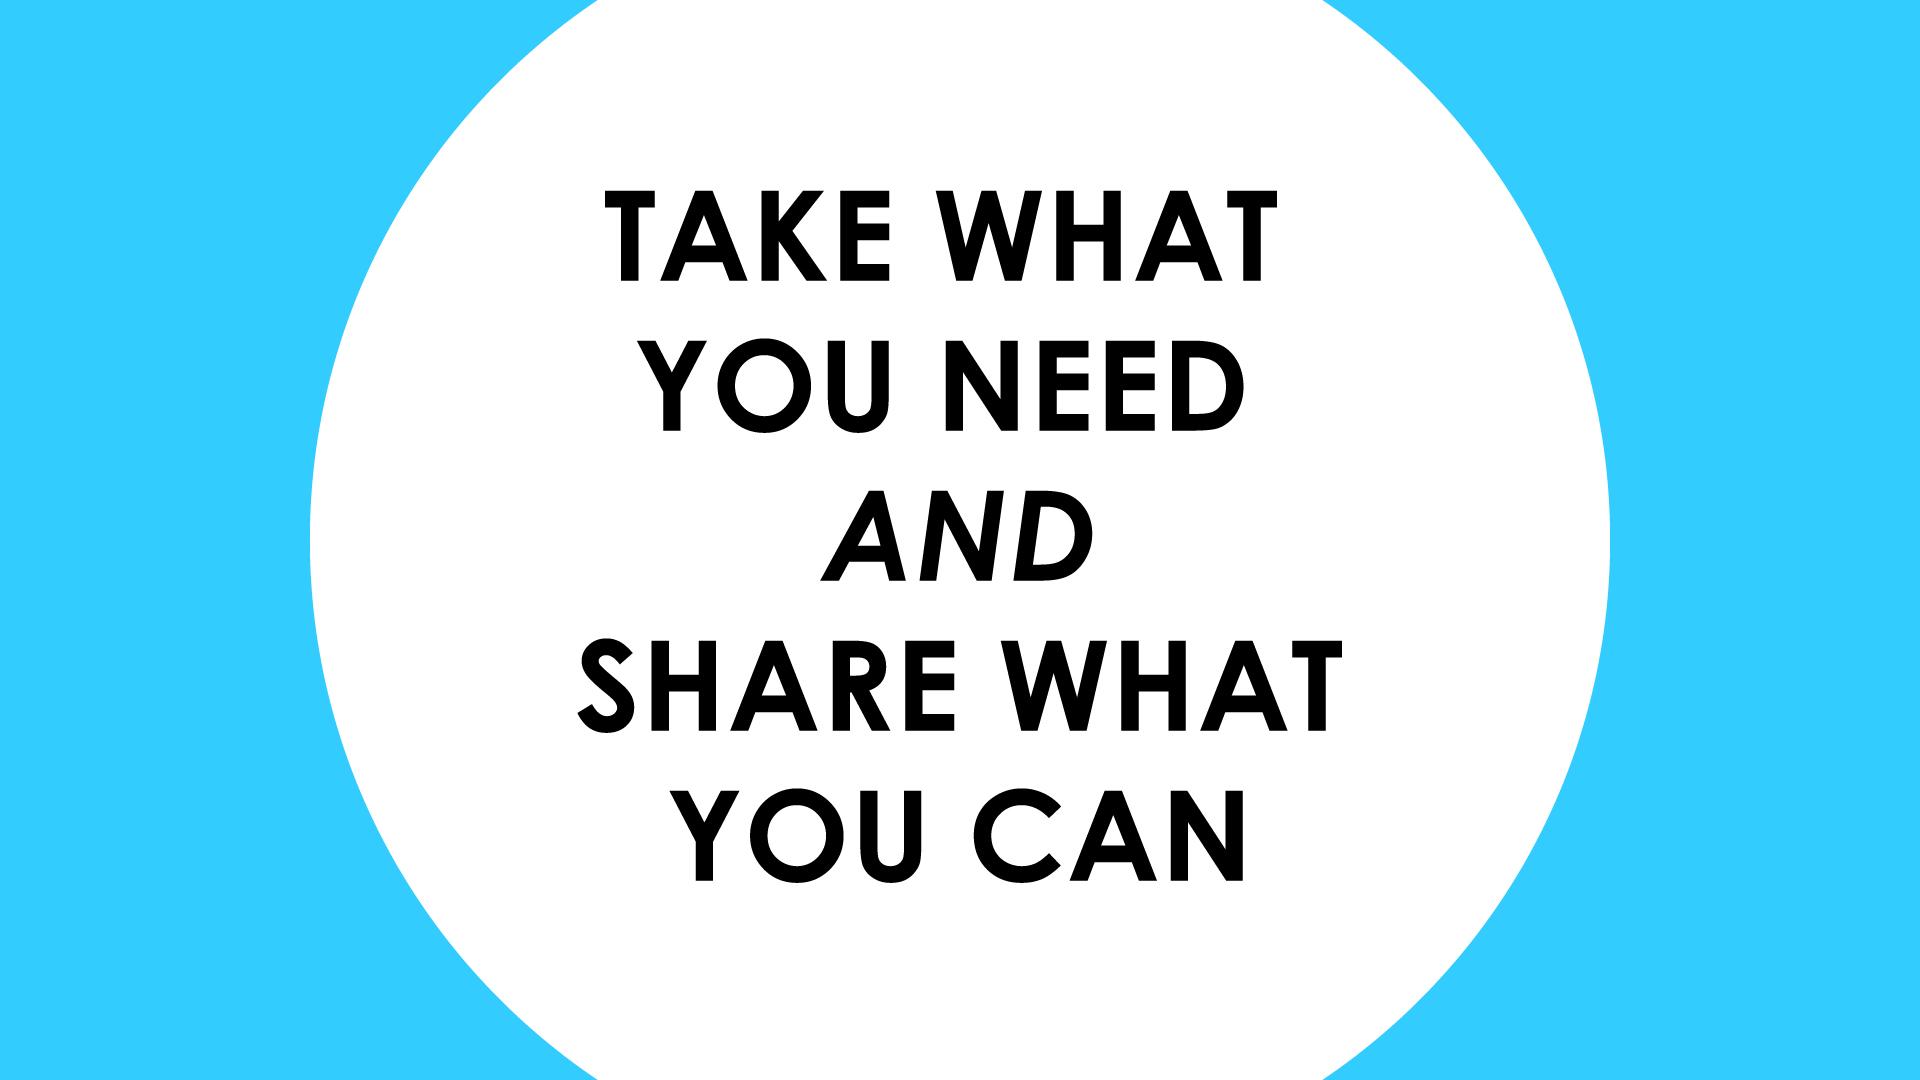 TakeWhatYouNeed+ShareWhatYouCan2.jpg